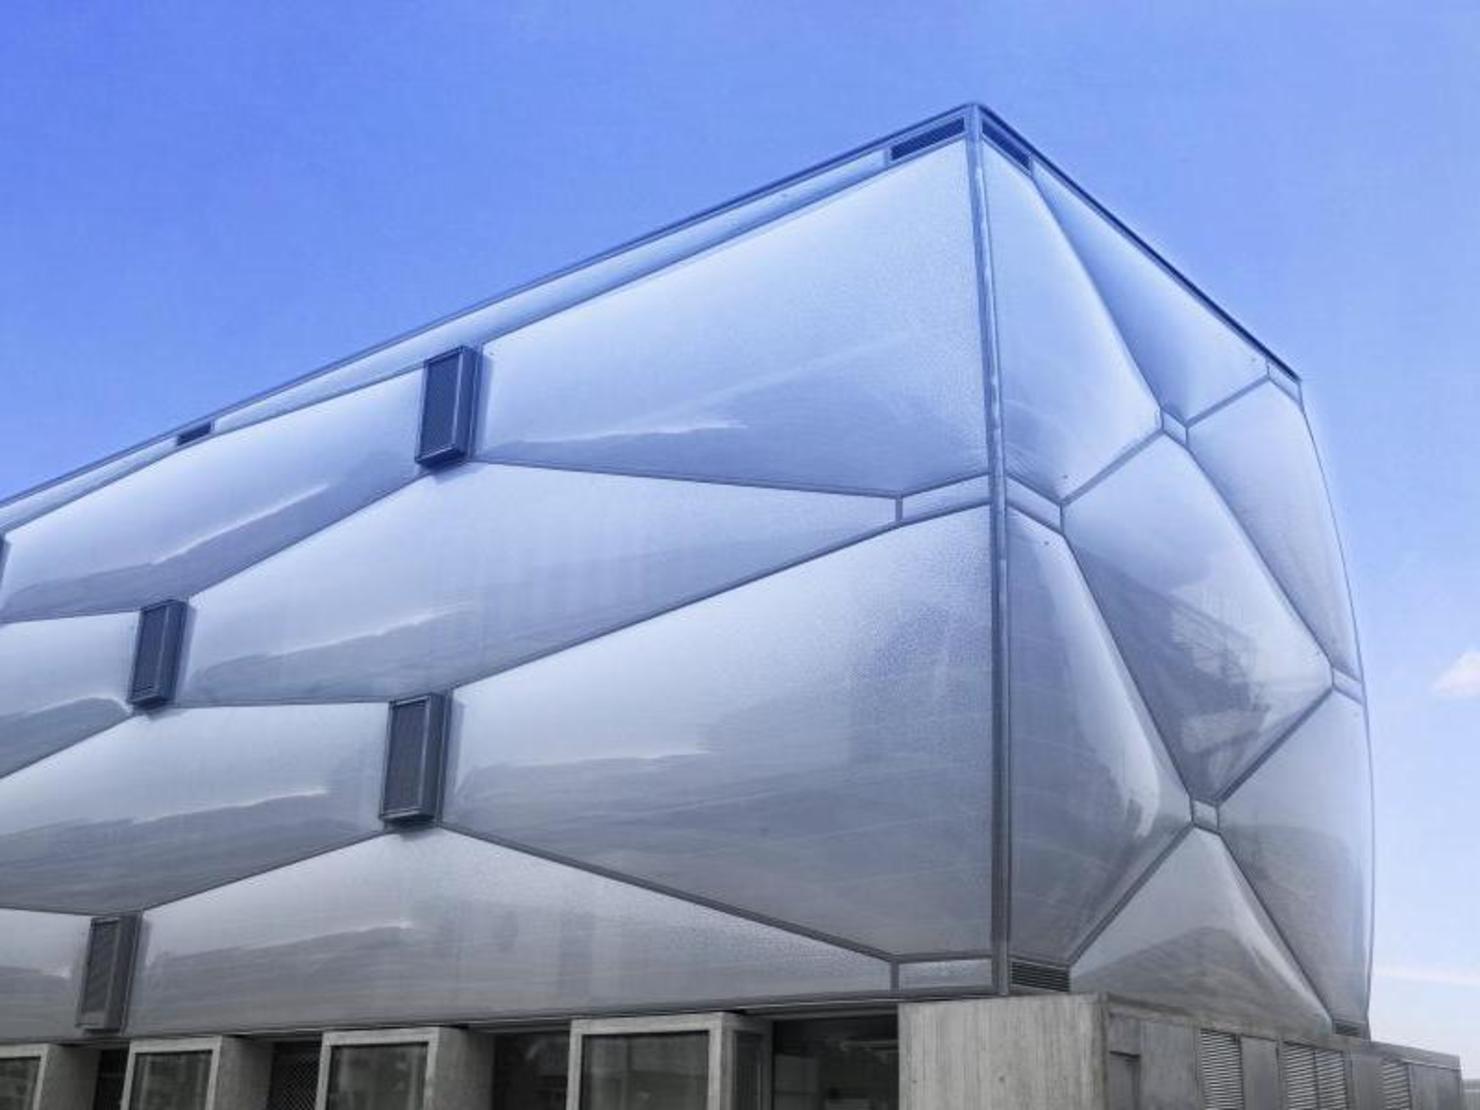 Le nuage montpellier tarifs avis horaires offre - Salle de sport port marianne montpellier ...